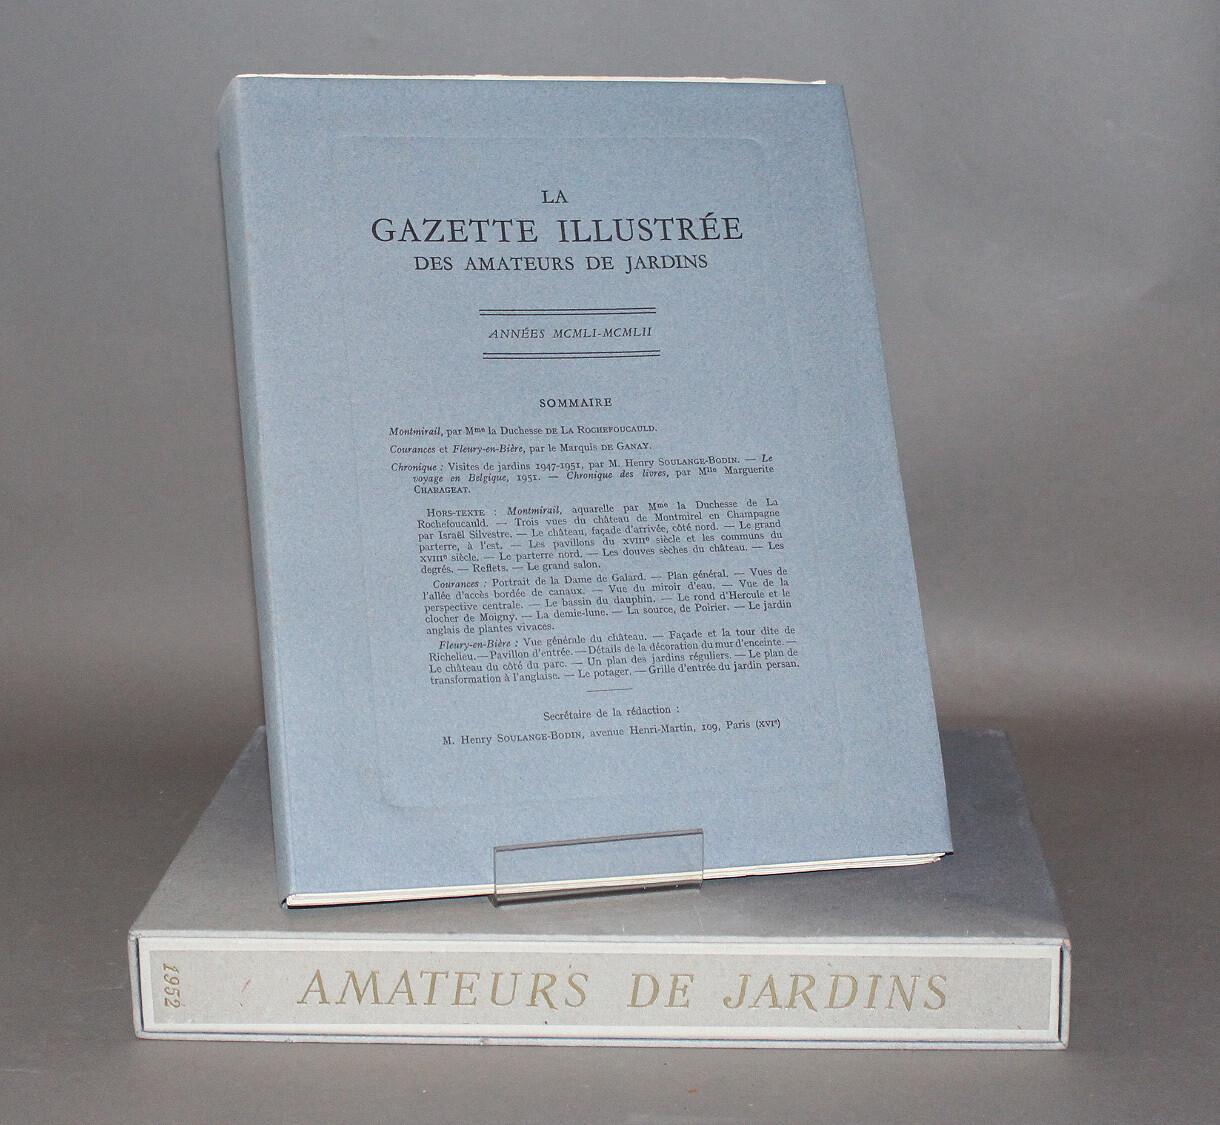 Gazette illustrée des Amateurs de Jardins. 1951-1952.